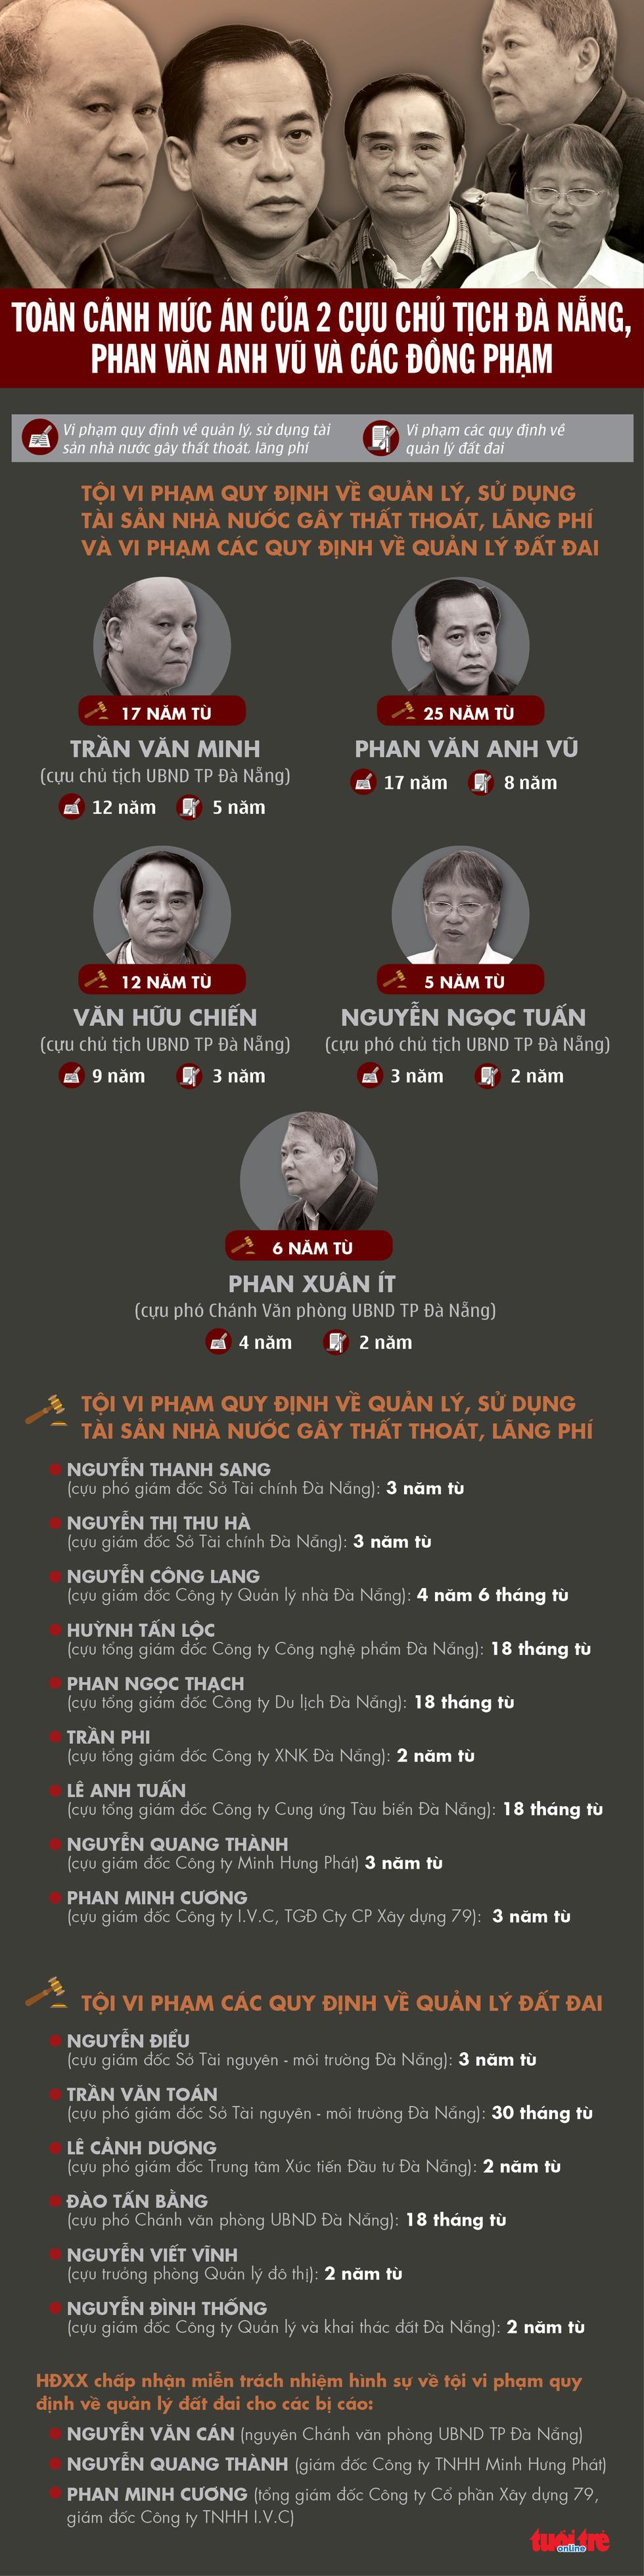 Mức án của hai cựu chủ tịch Đà Nẵng, Phan Văn Anh Vũ và đồng phạm vụ thâu tóm đất công - Ảnh 1.